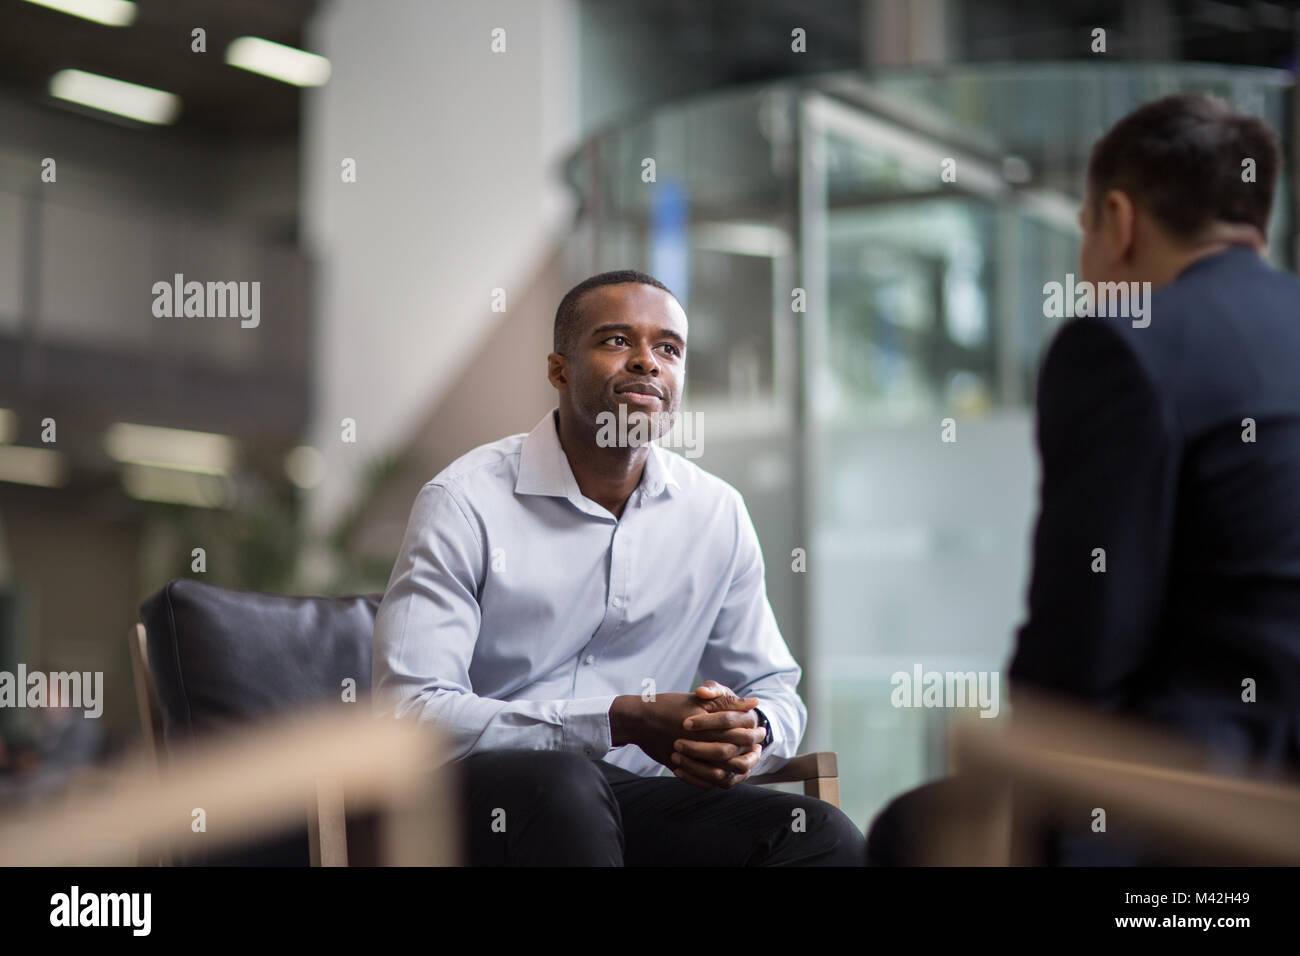 L'homme a posé une question dans une interview Banque D'Images